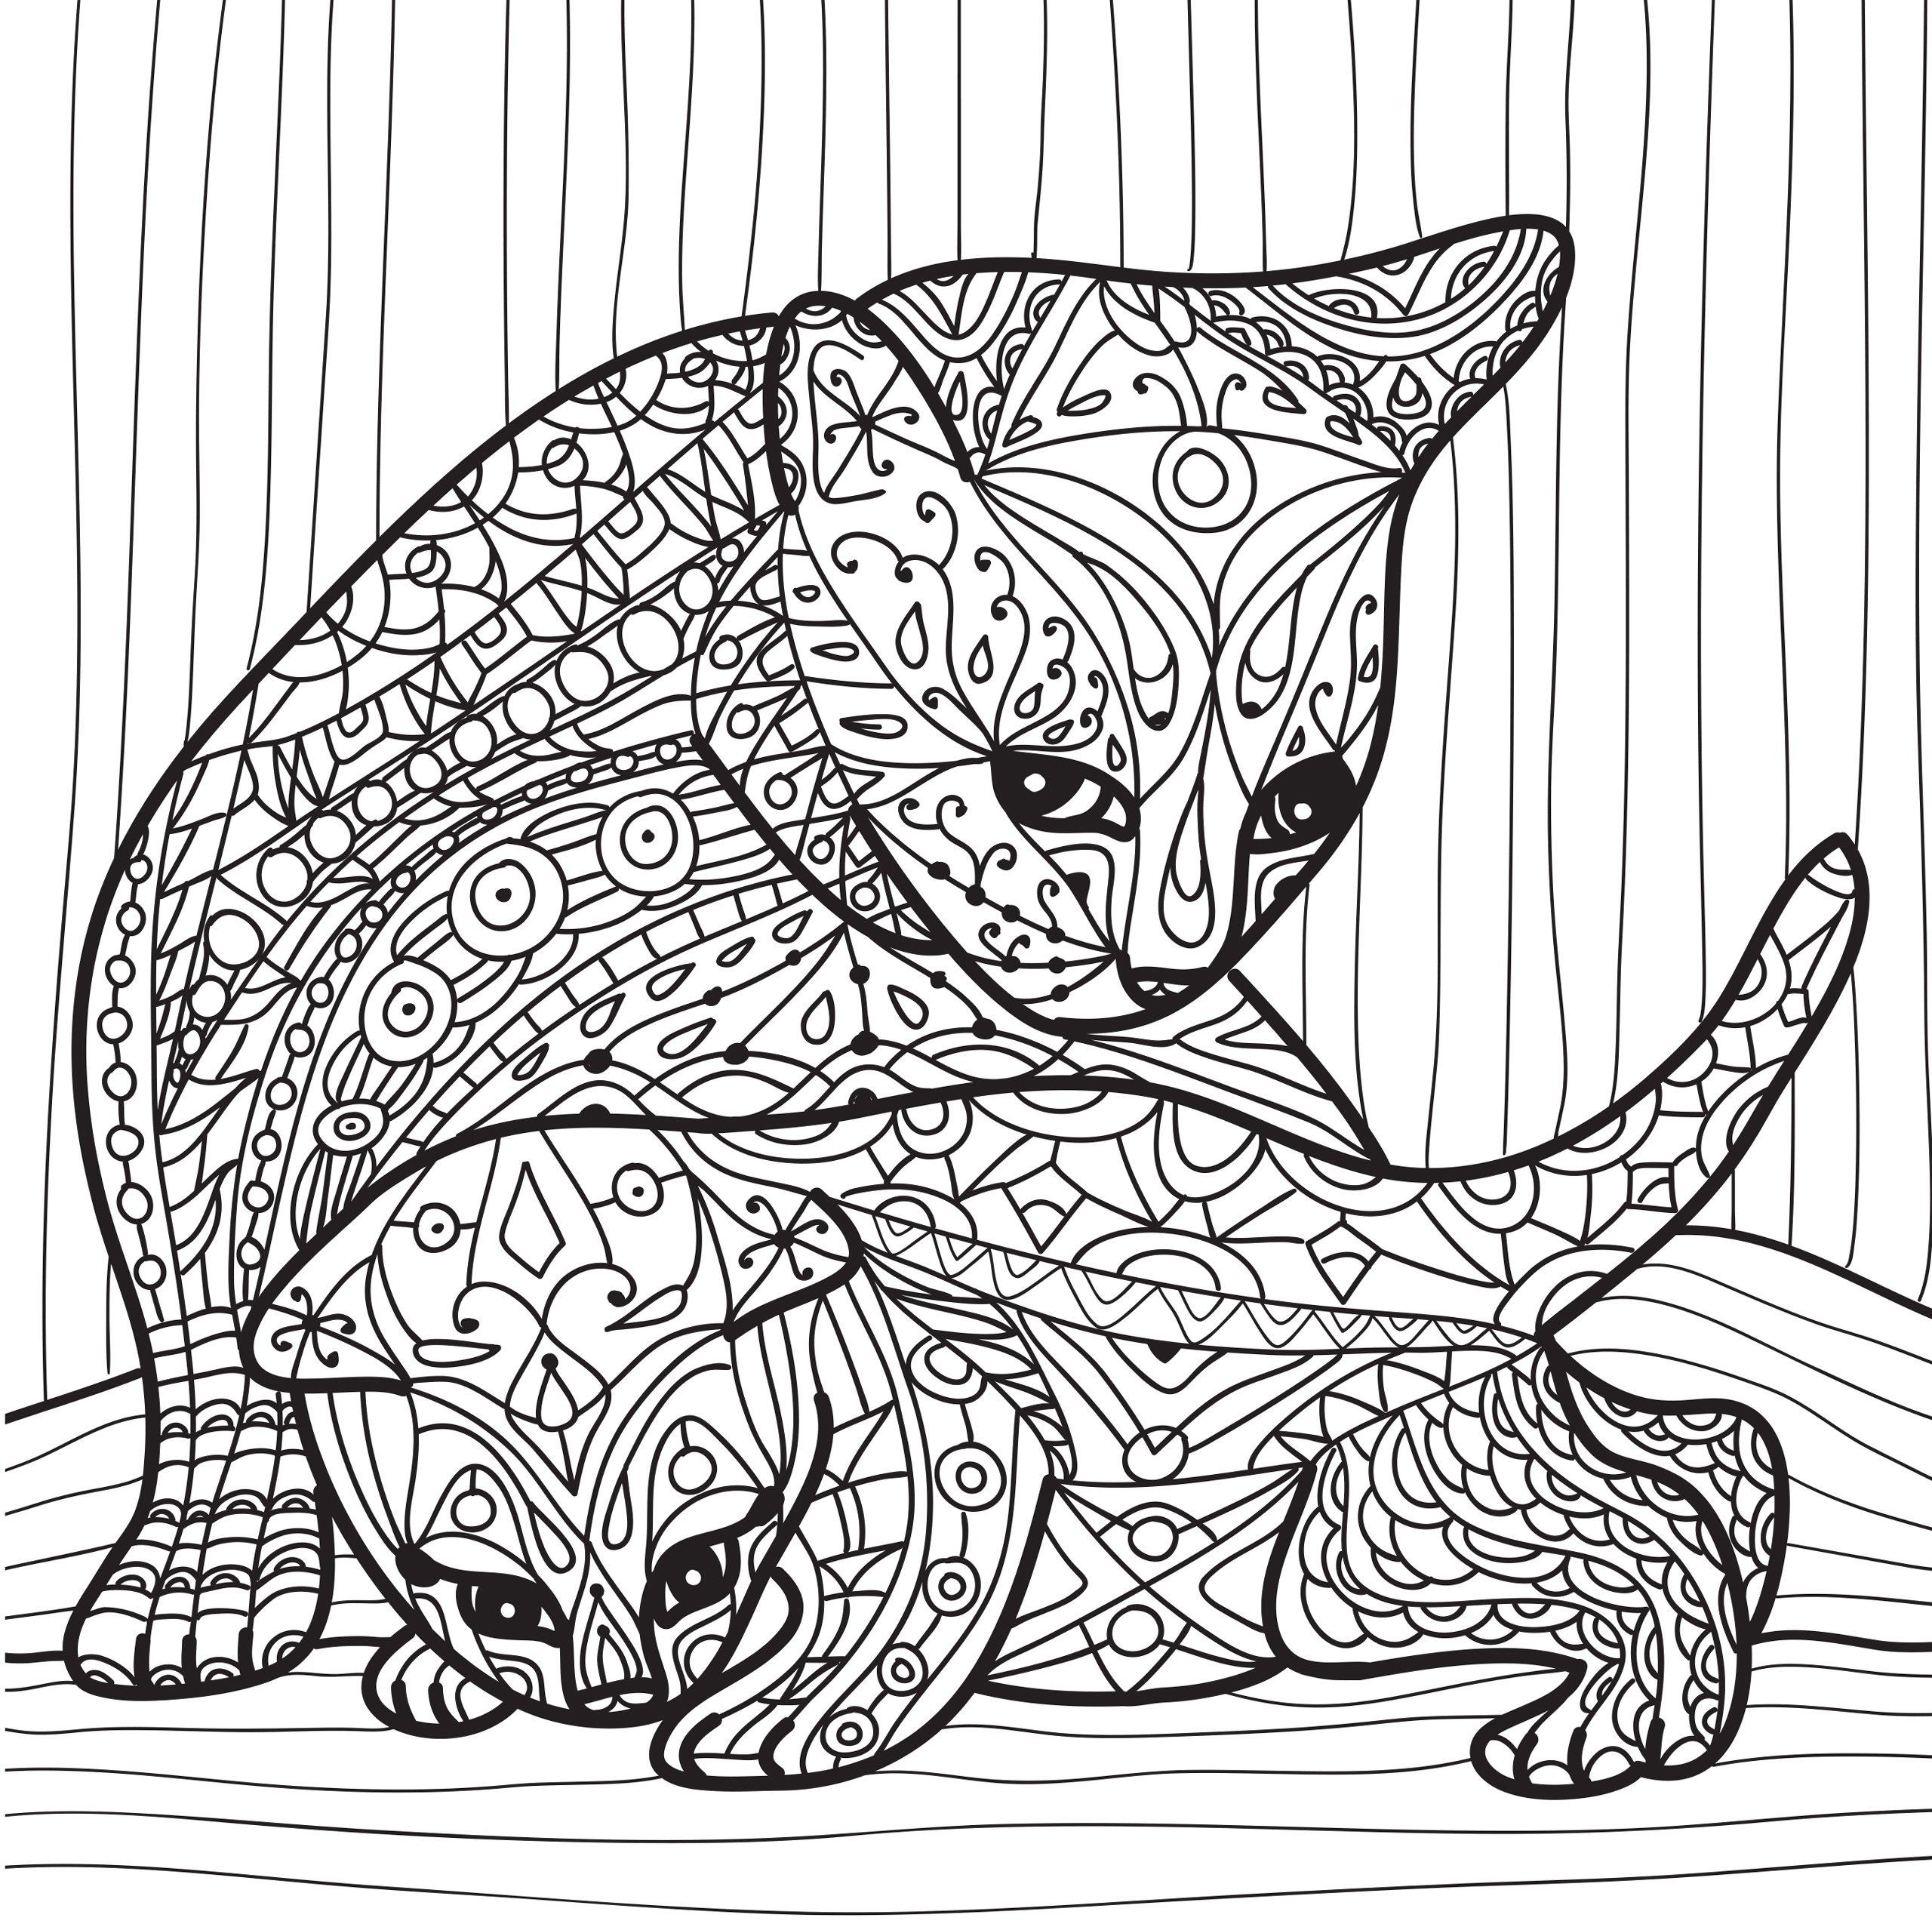 Кошка с котенком - Животные - Раскраски антистресс